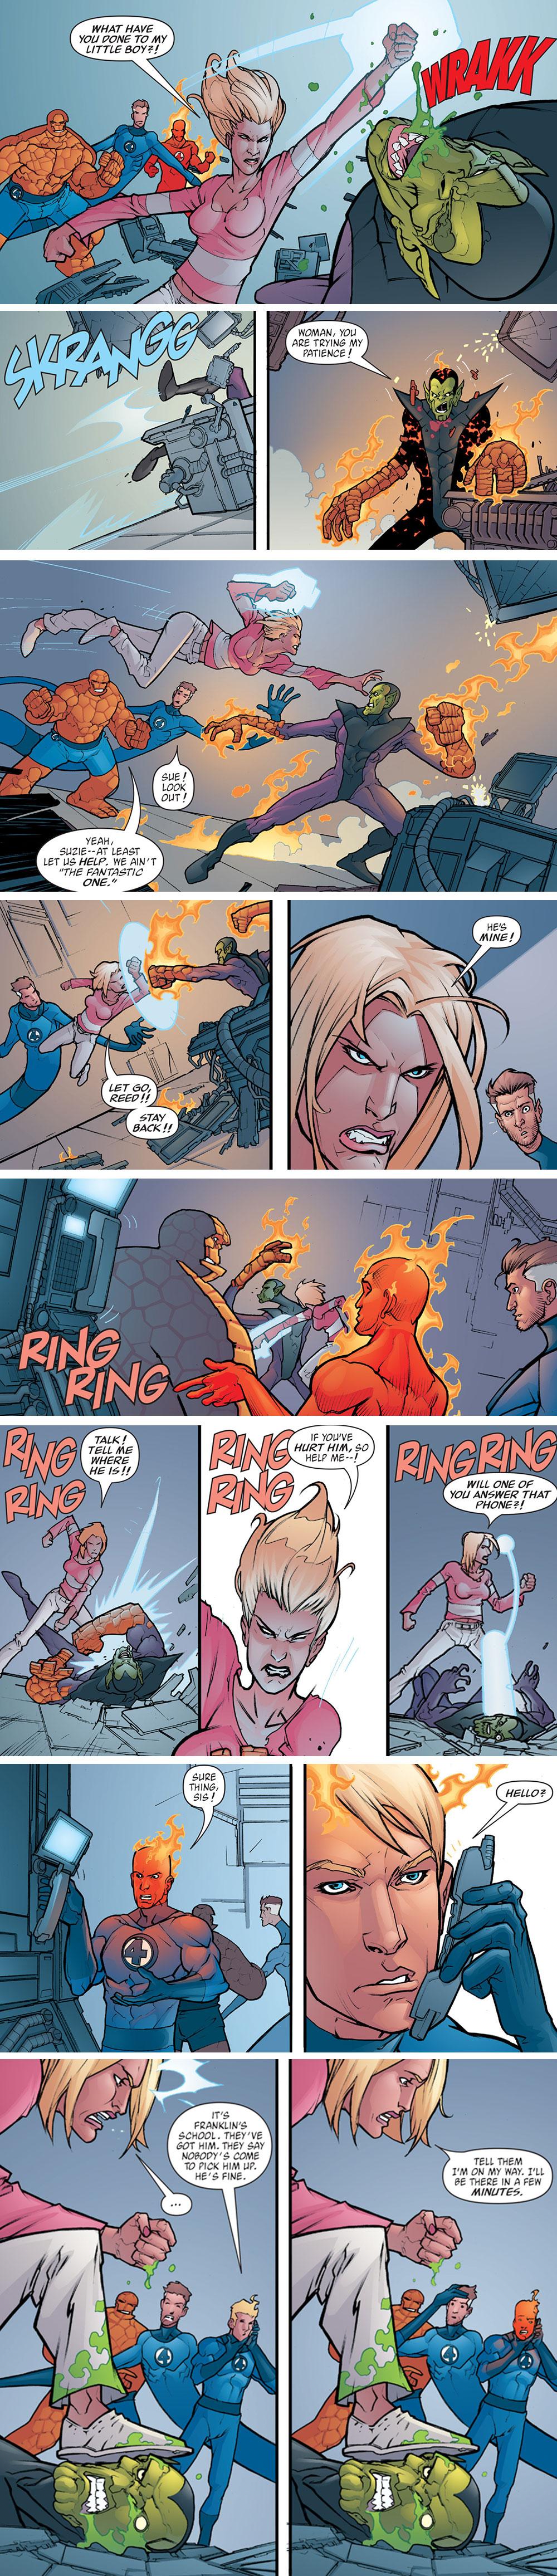 Fantastic Four: Foes #4 (2005)